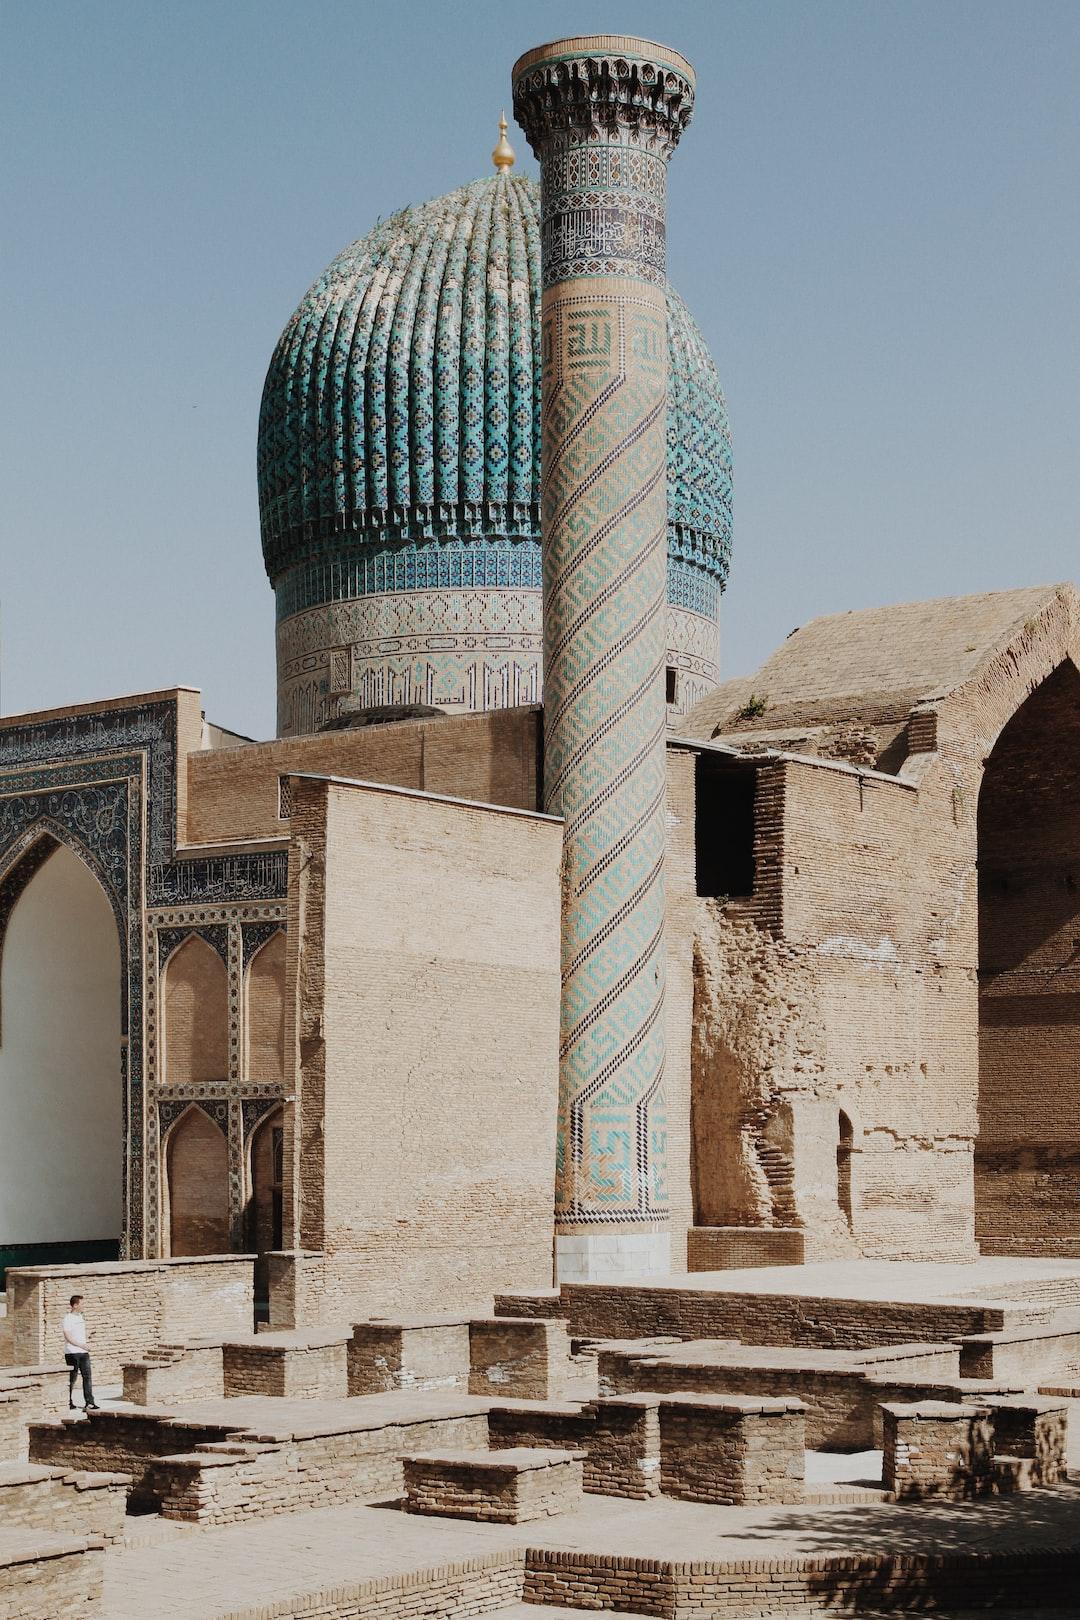 Gur-Emir-Mausoleum, Samarkand